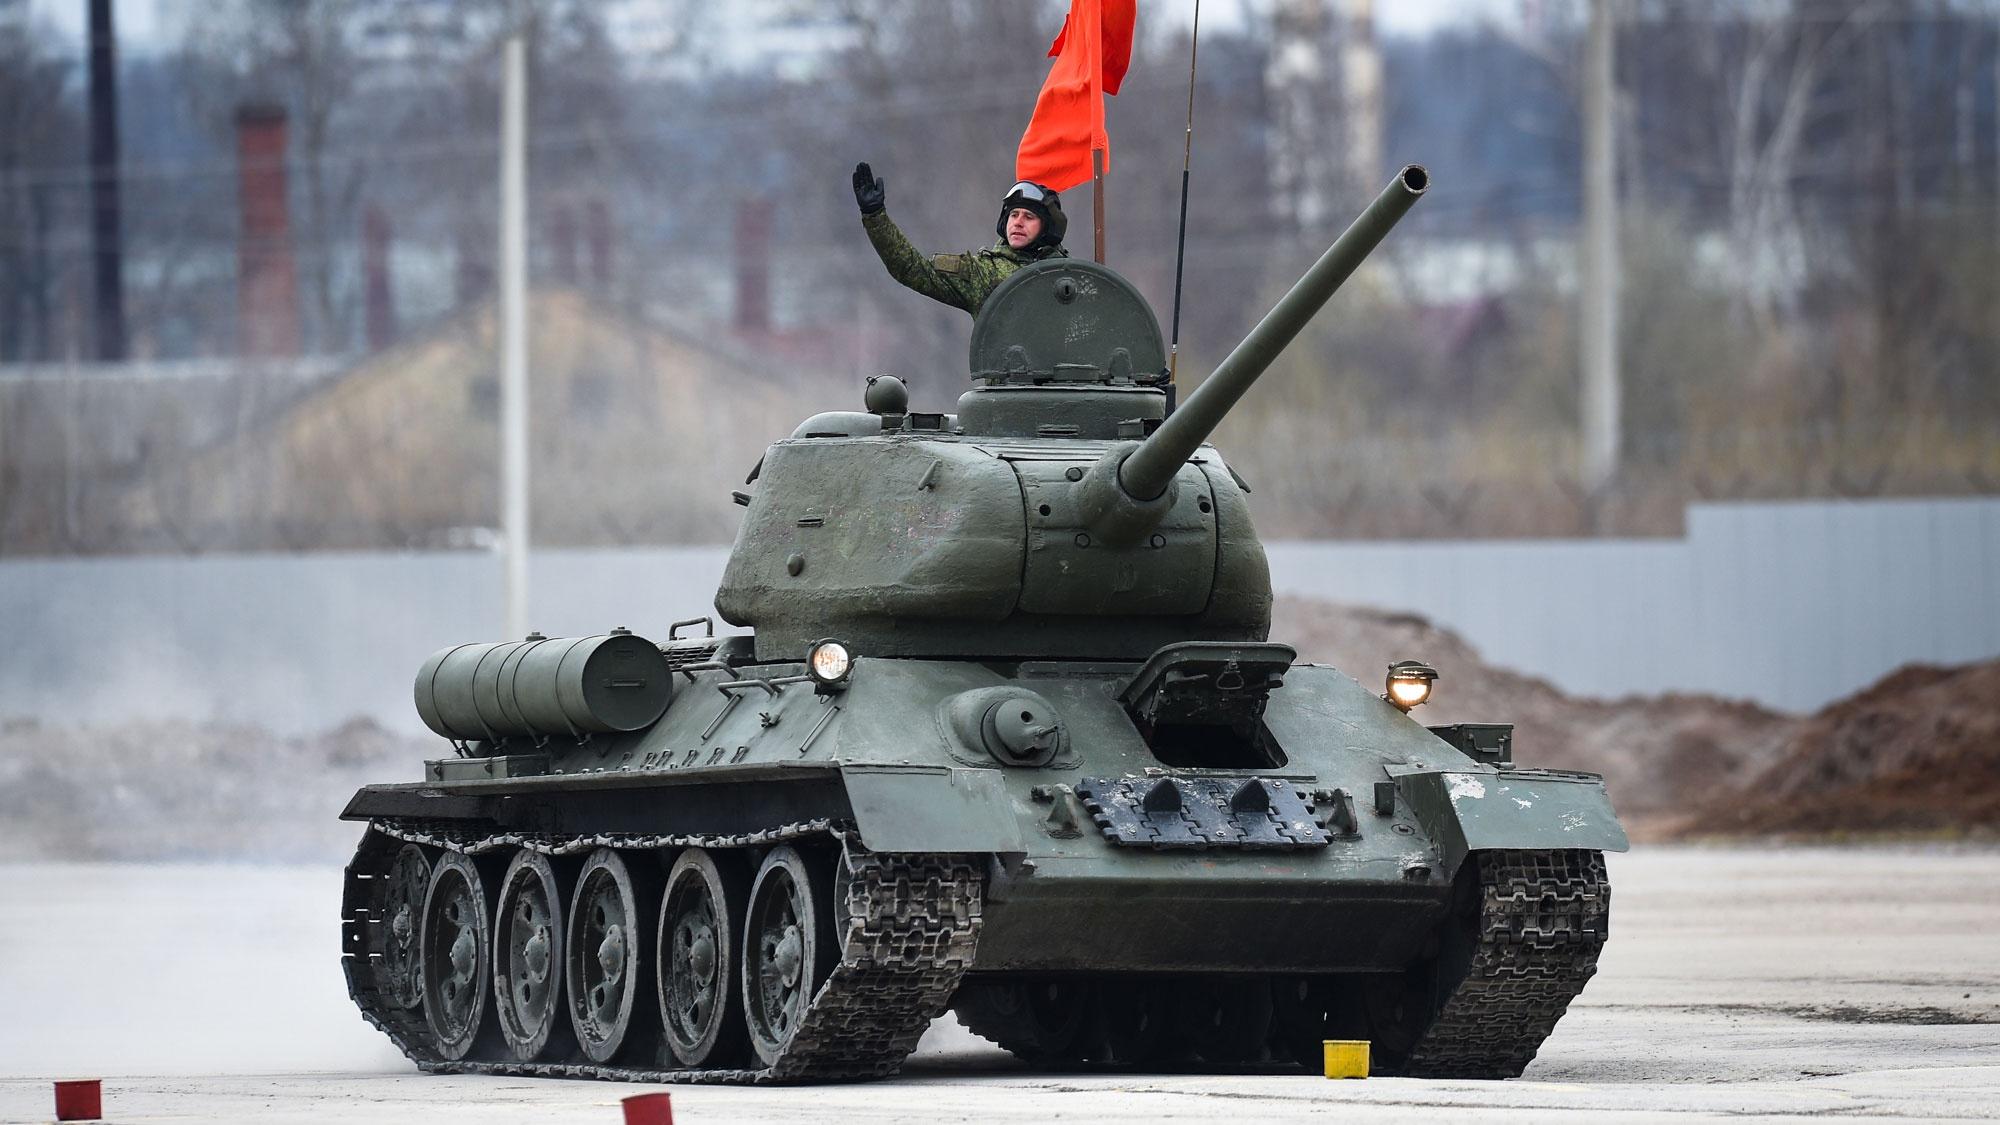 Первый среди лучших: в США оценили роль Т-34 в мировом танкостроении